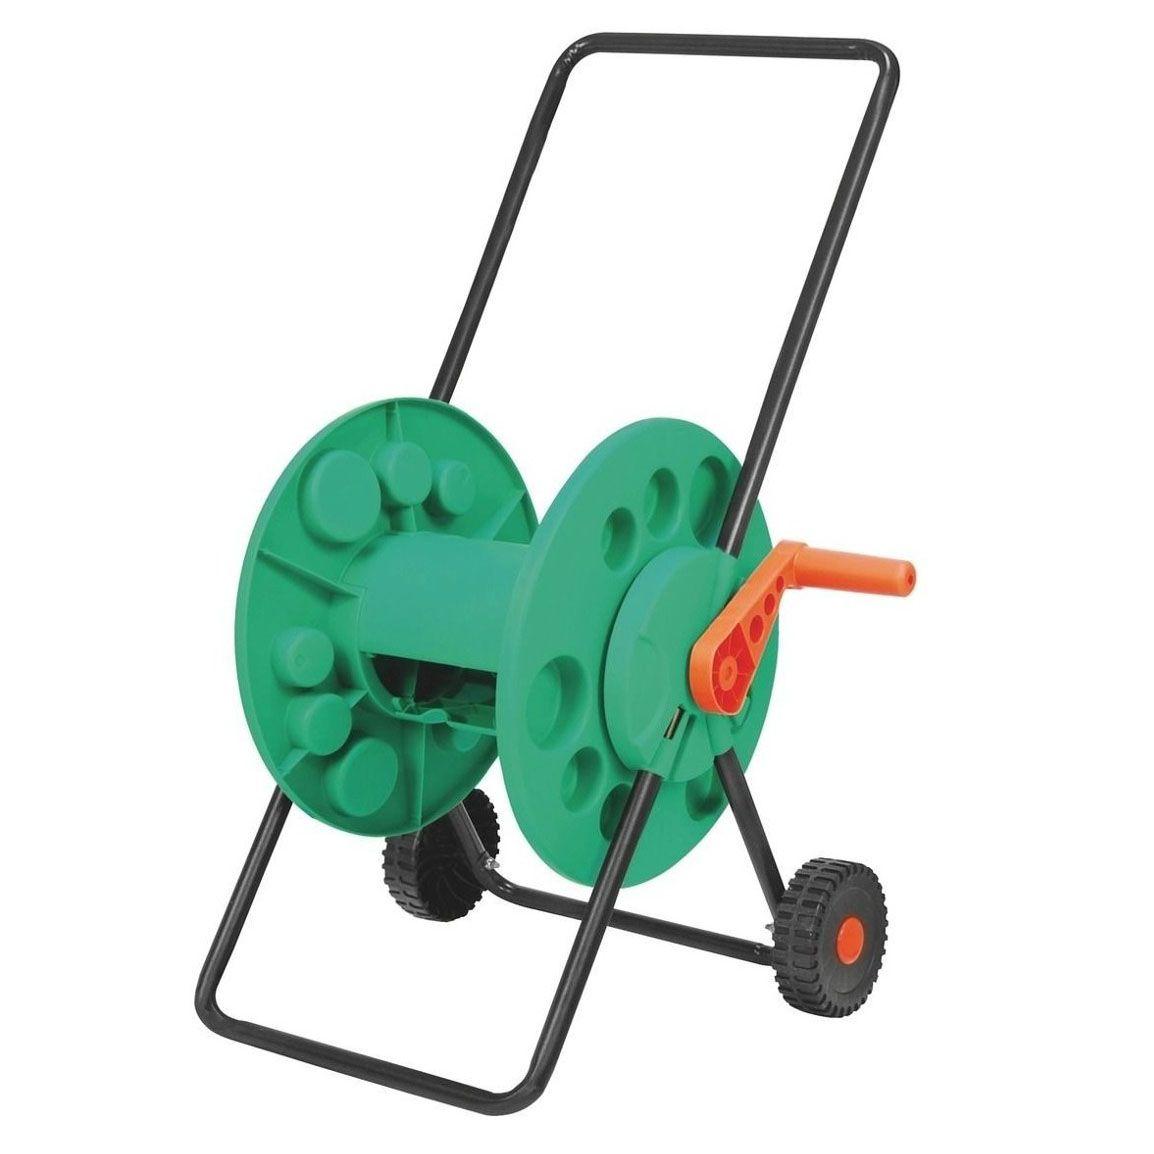 Enrolador de Mangueira com roda Capacidade para 50m de 1/2 pol